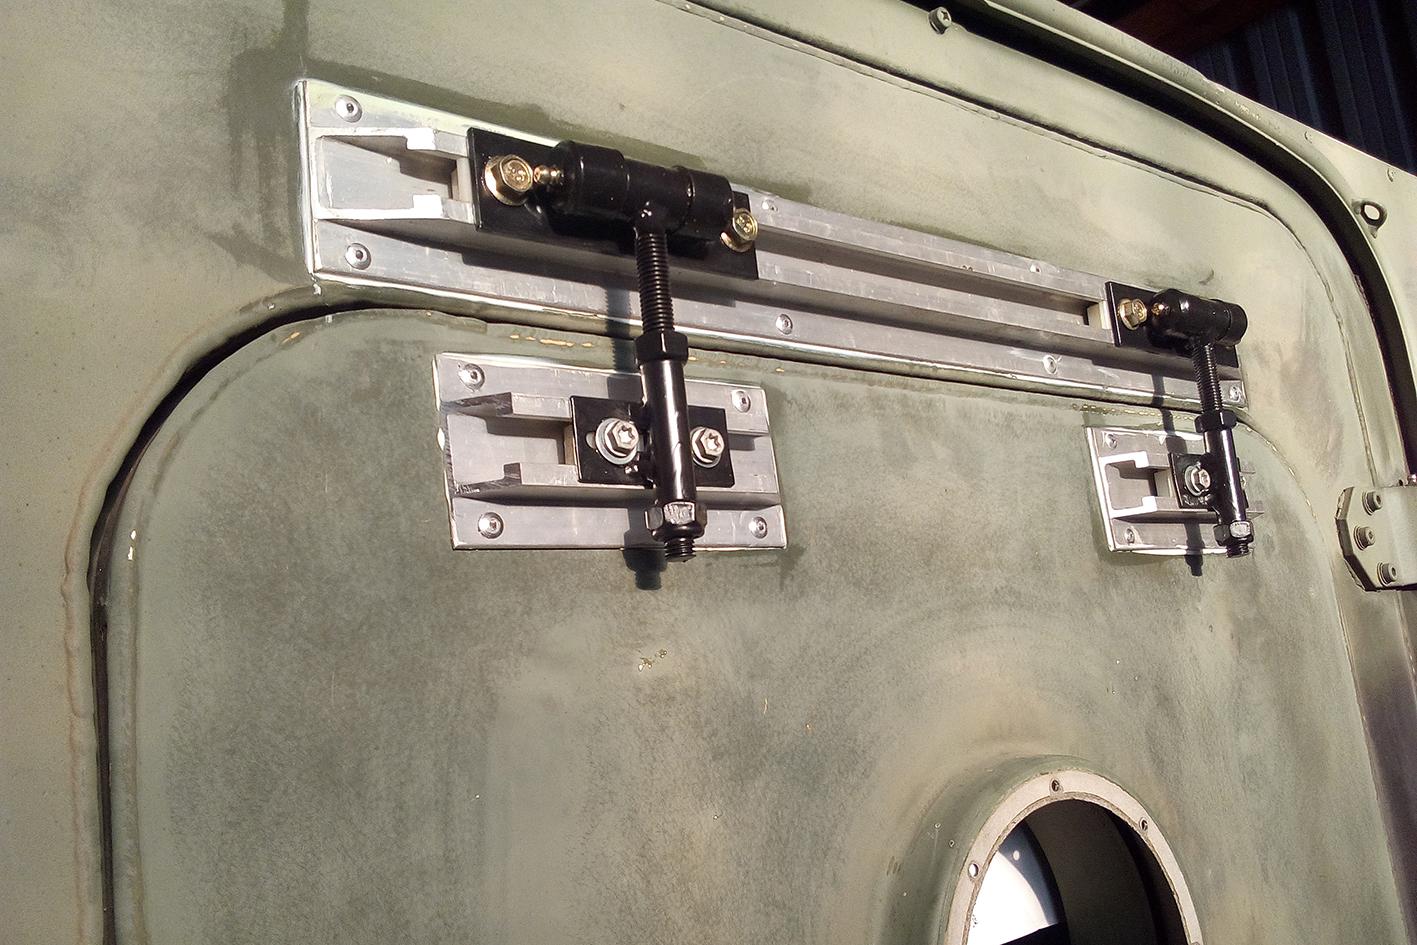 innenraumplanung - itchywheels - 4x4 weltreise und ausbau-blog